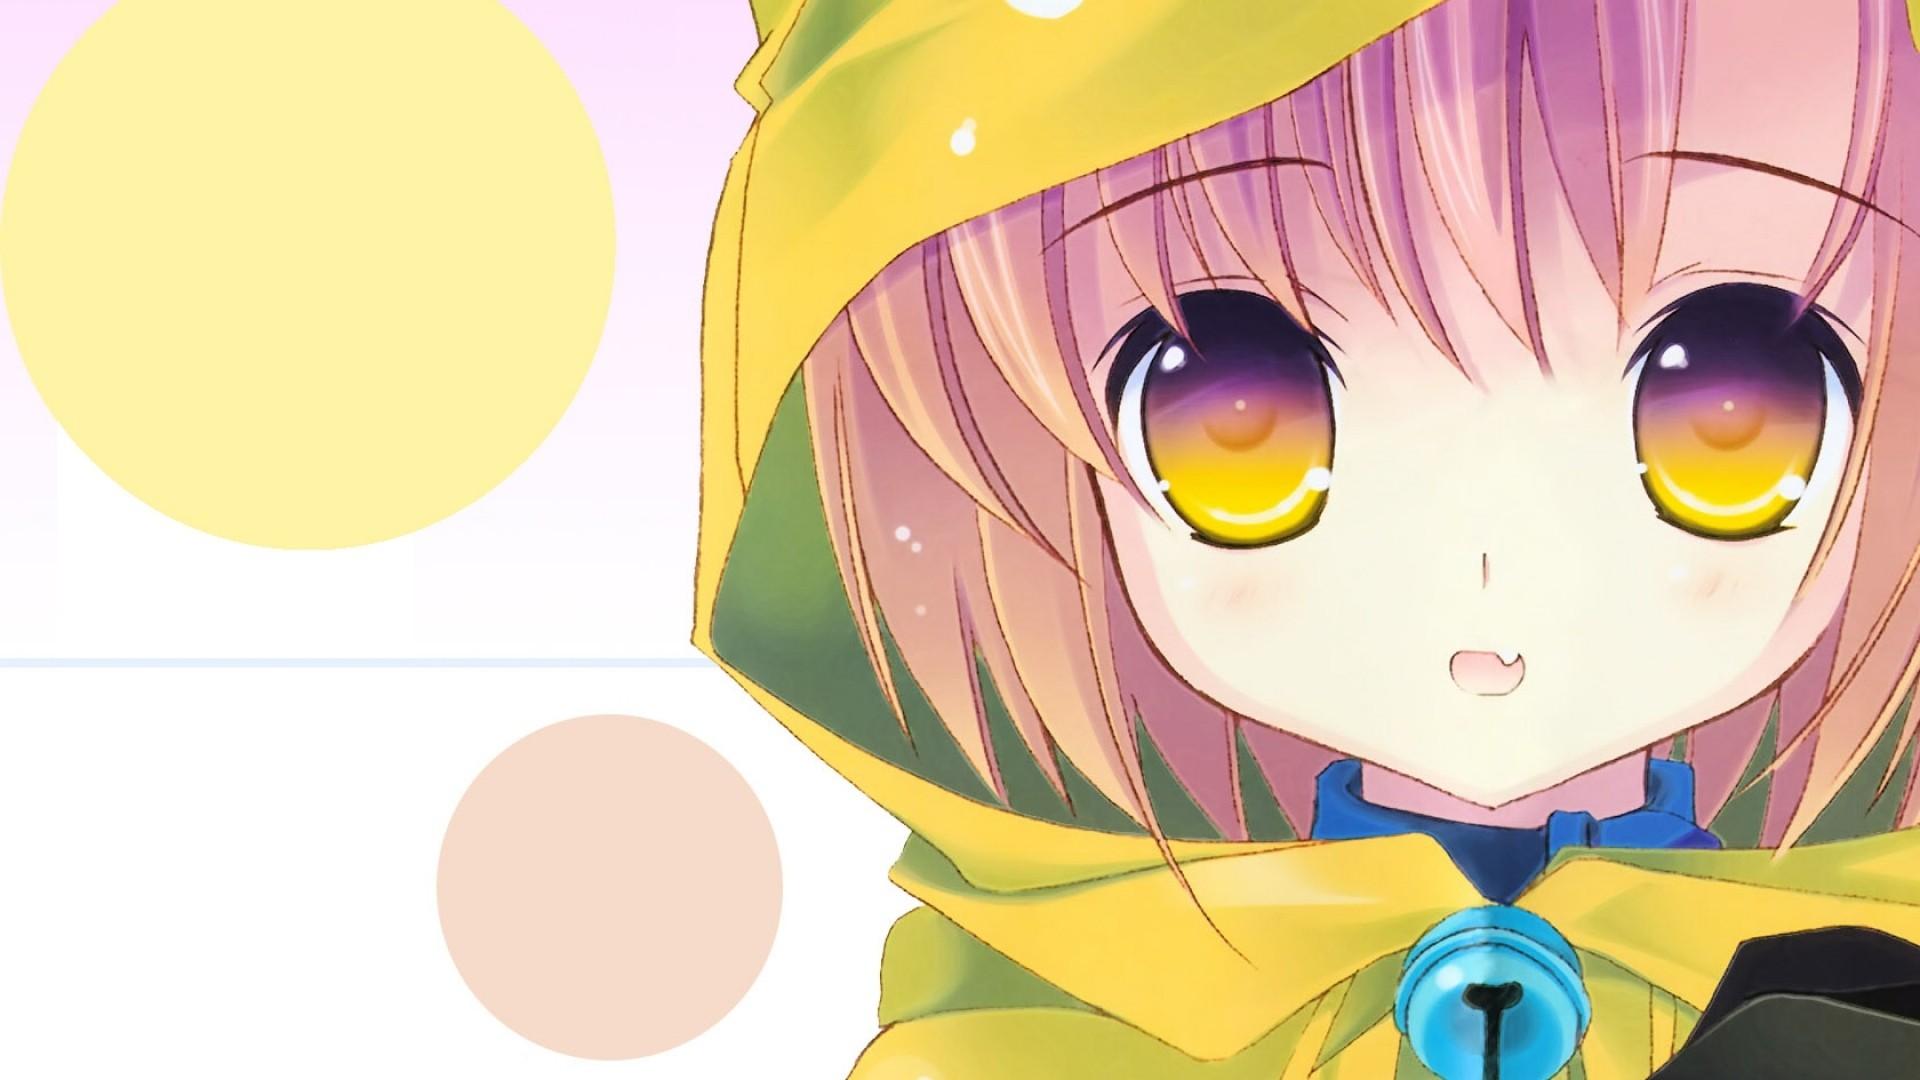 9 Hoodie Cute Anime Girl Wallpapers - WallpaperBoat